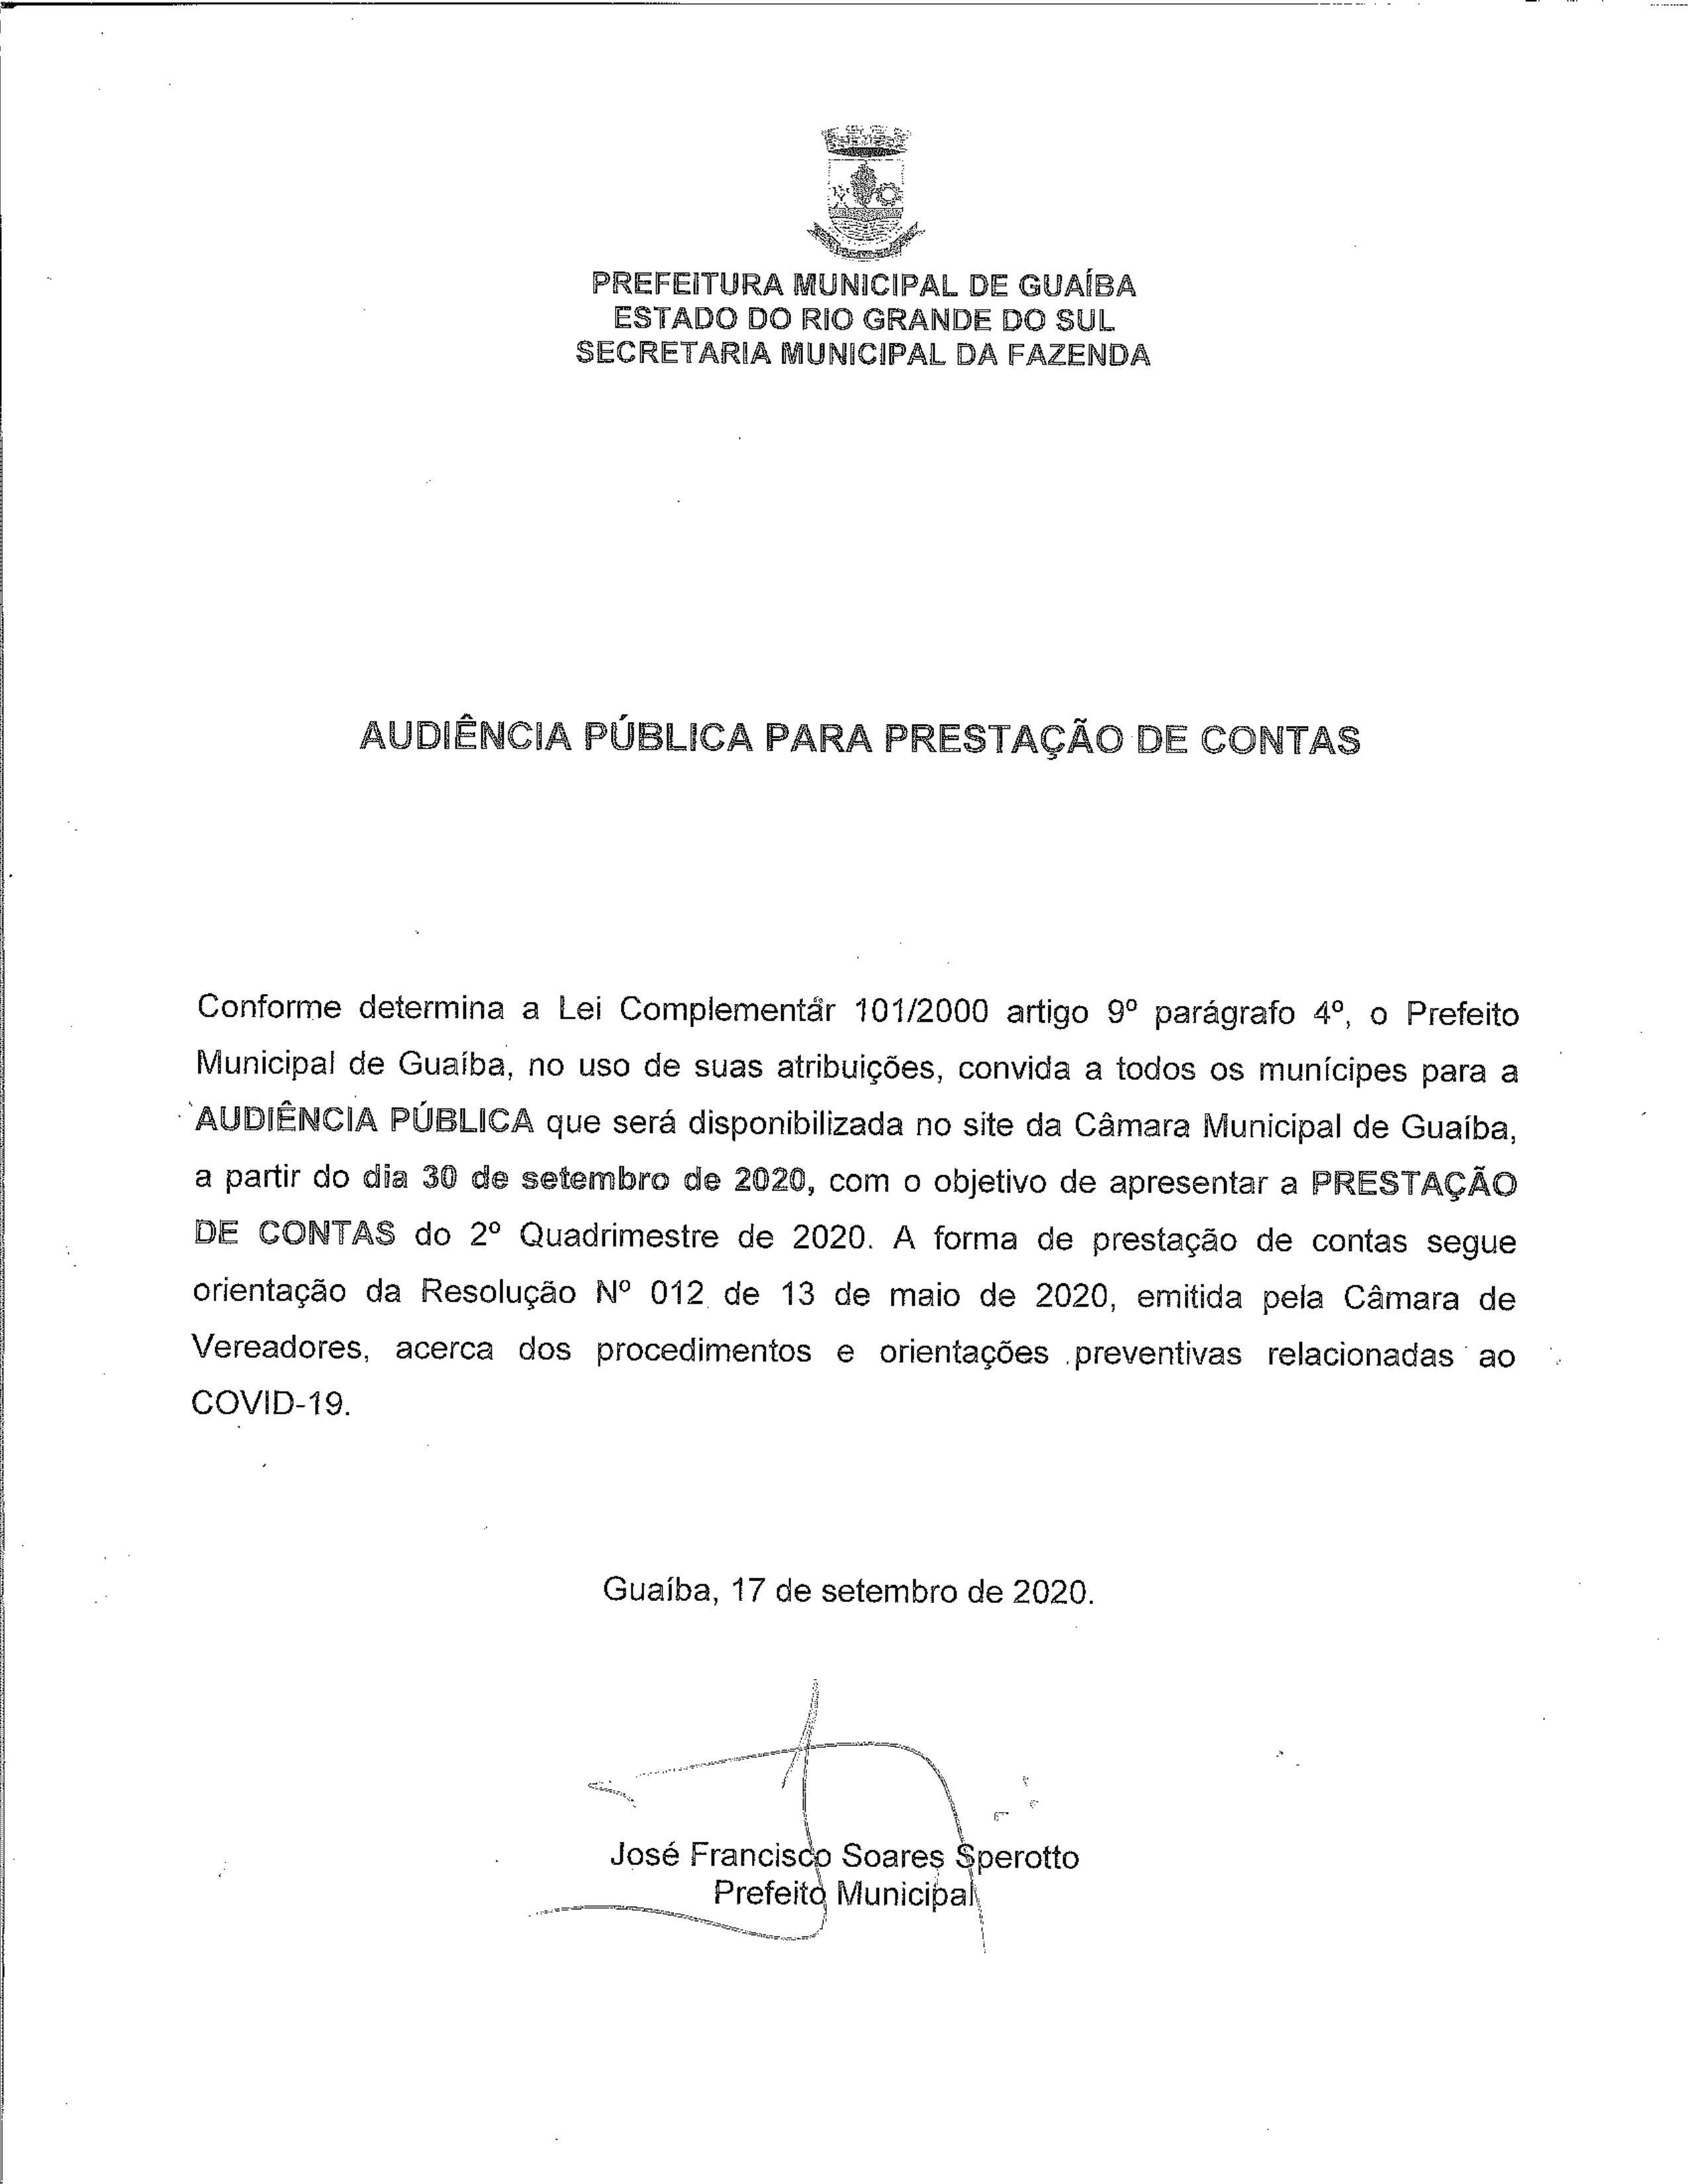 Edital de Audiência Pública para Prestação de Contas 2º Quadrimestre 2020